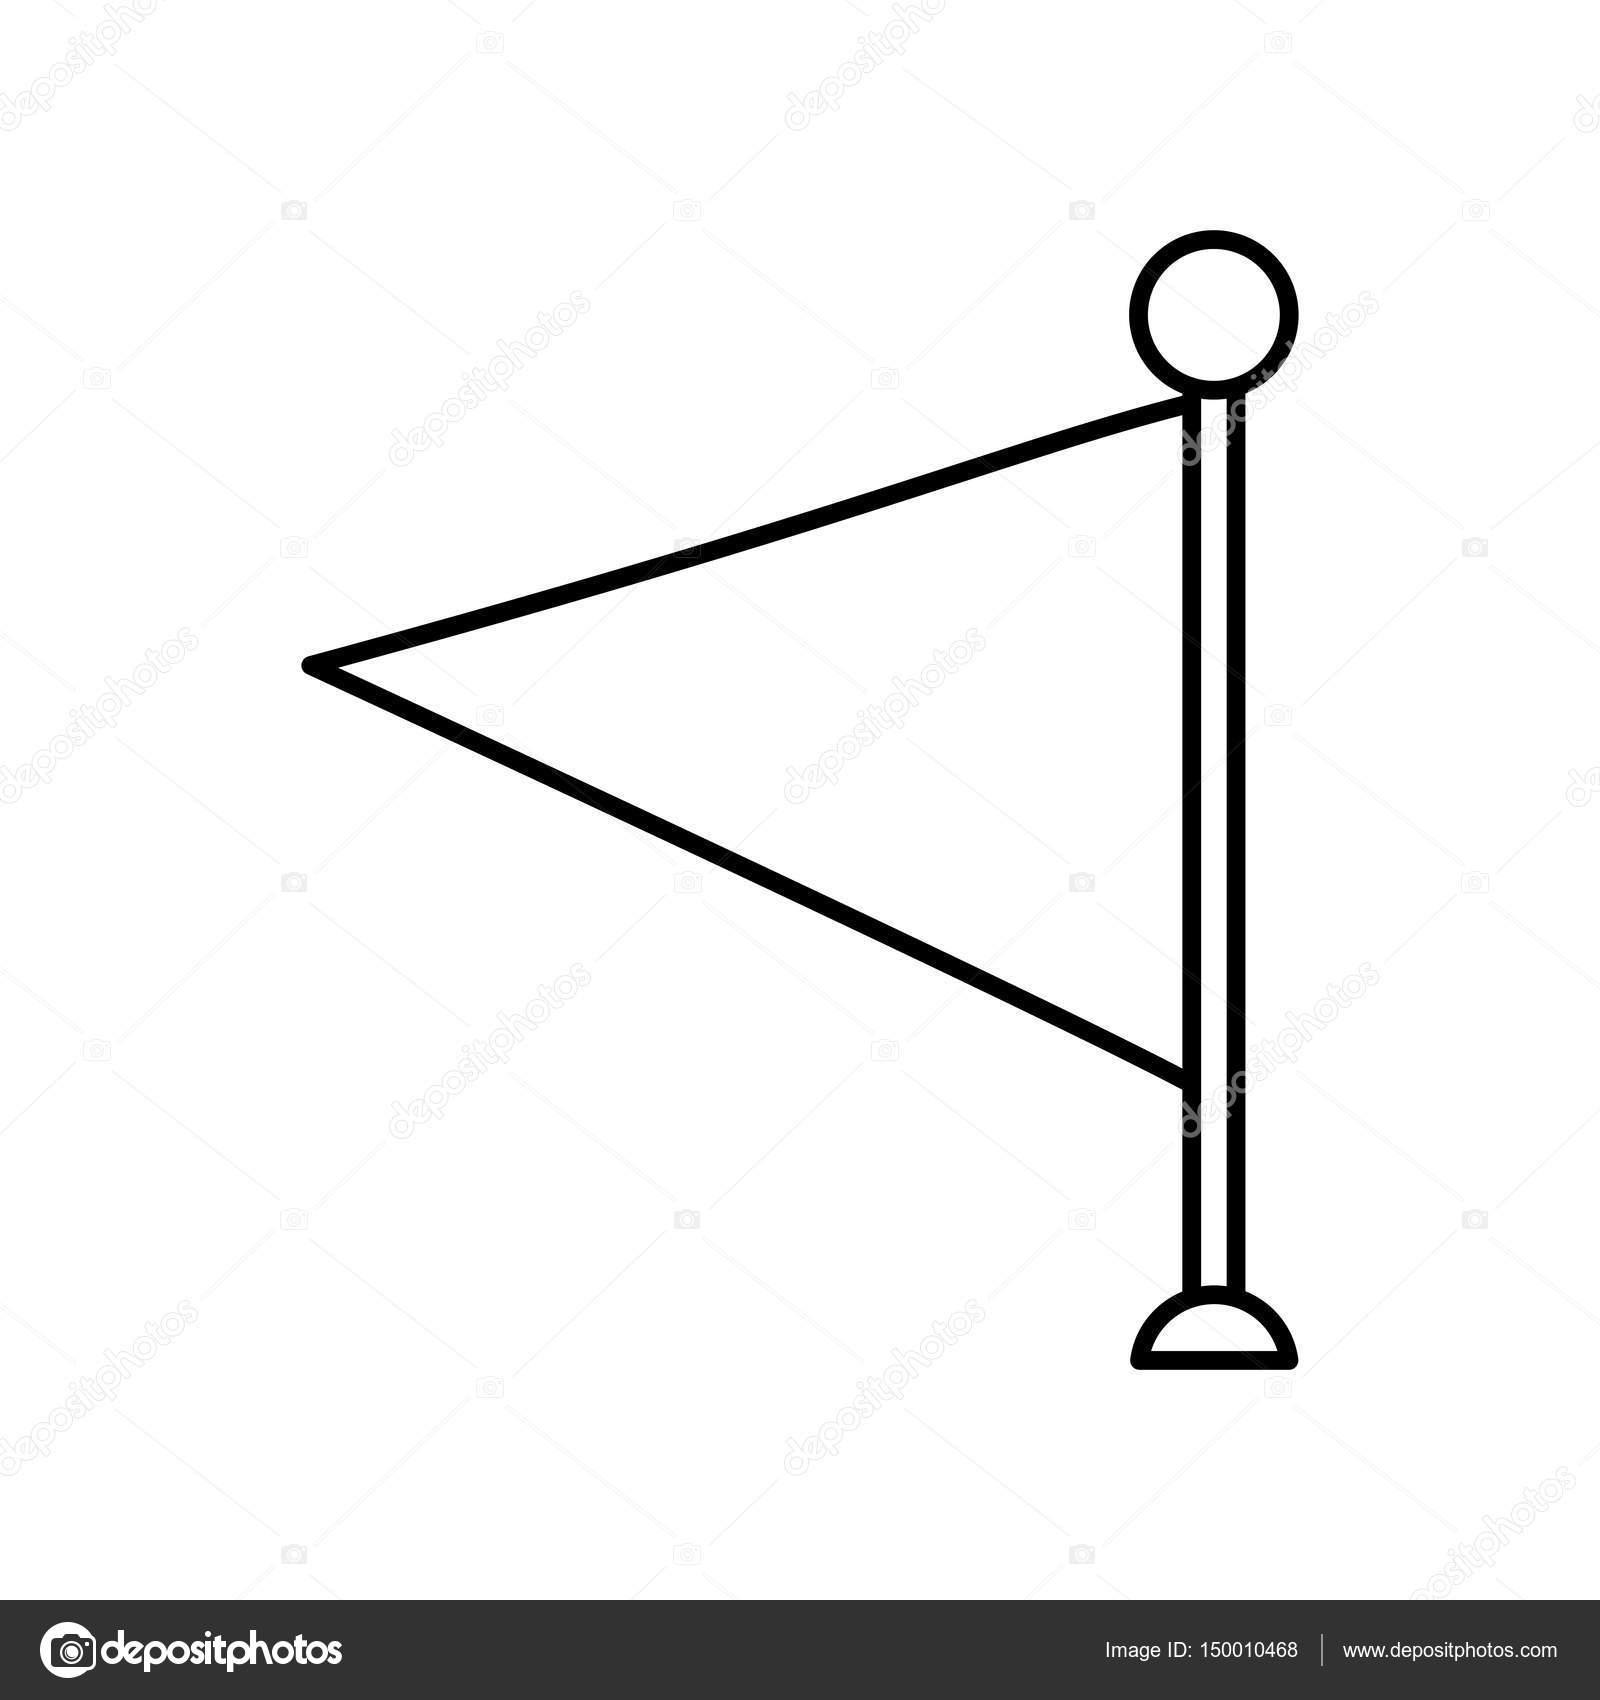 Nett Leere Nummer Linienschablone Bilder - Beispielzusammenfassung ...